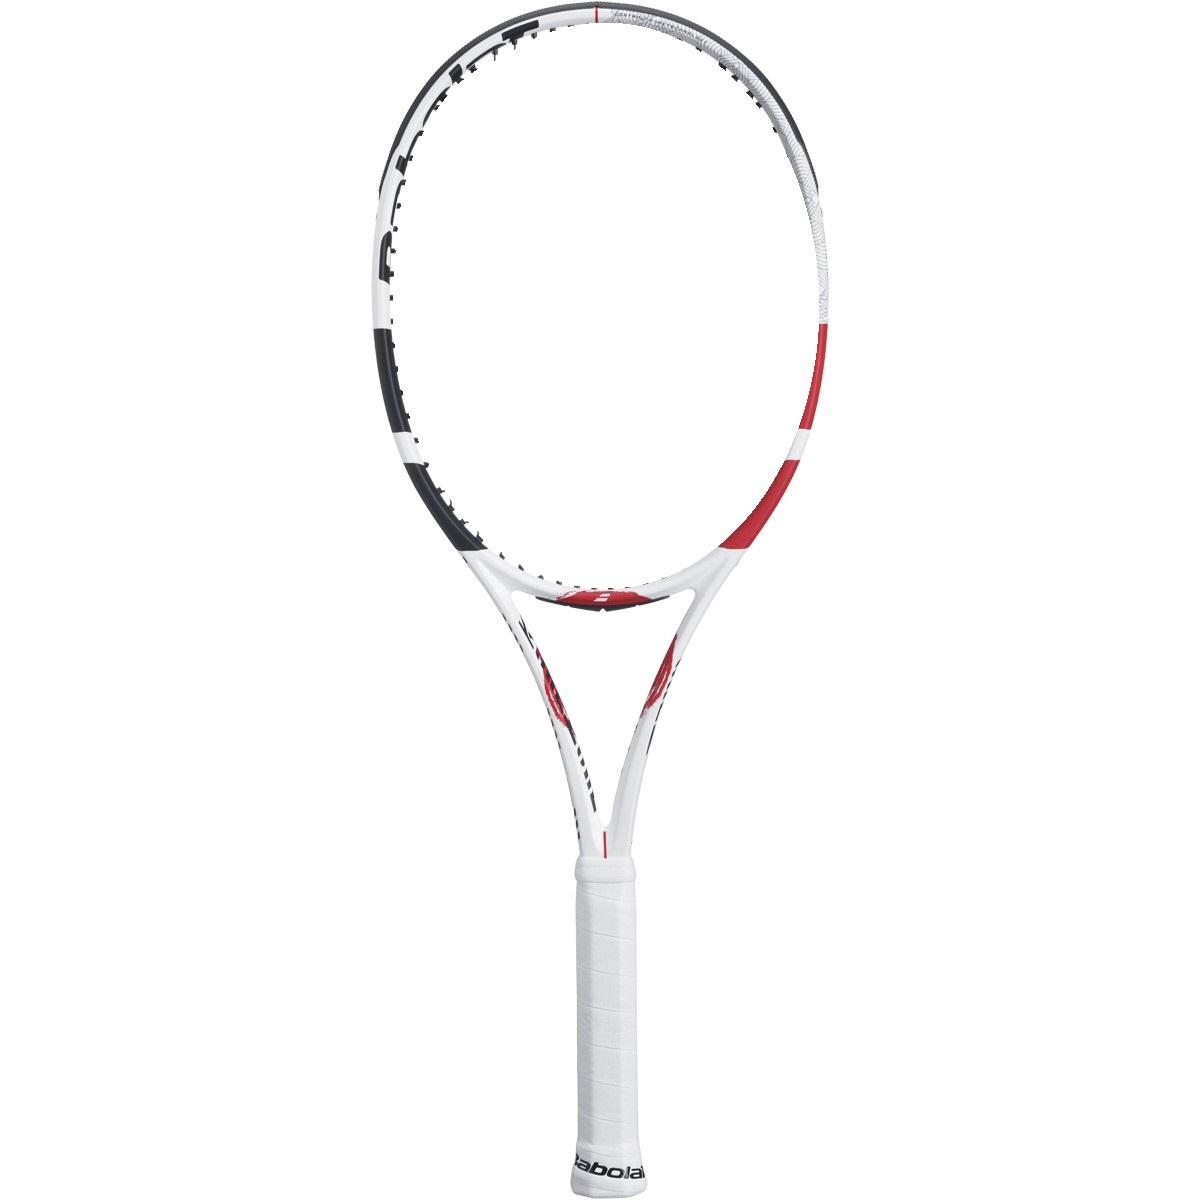 【グリップ5個プレゼント】【2020 NEWモデル!】バボラ ピュアストライク ジャパン(日本) PURE STRIKE JAPAN テニスラケット